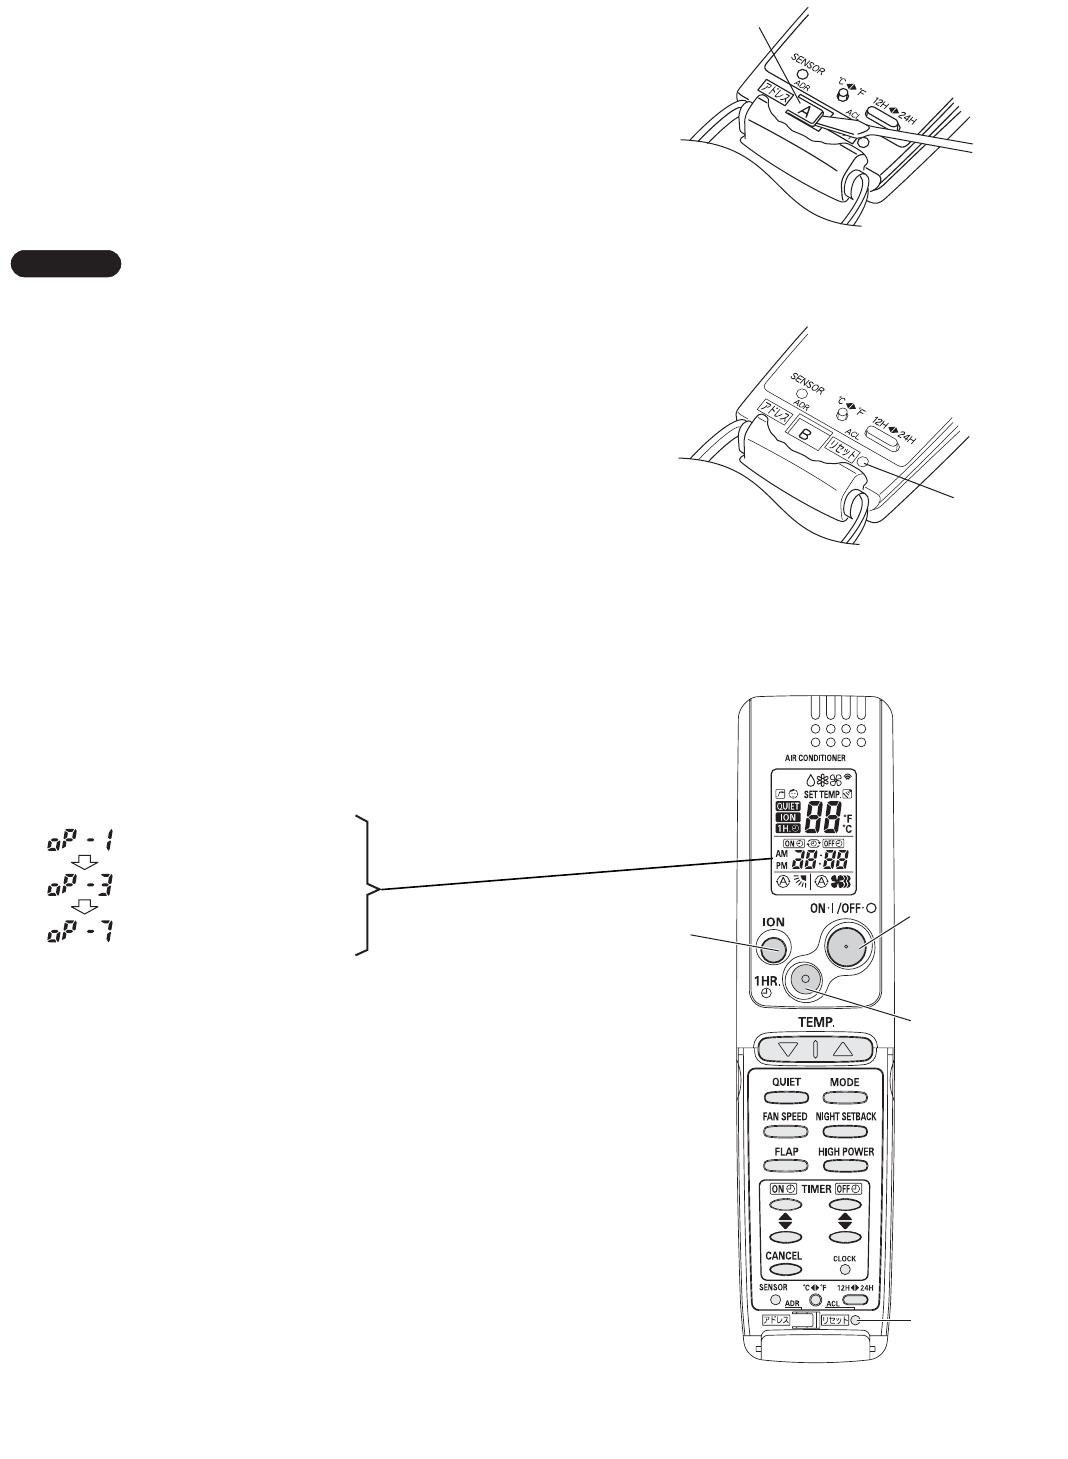 Sanyo Hvac Manual